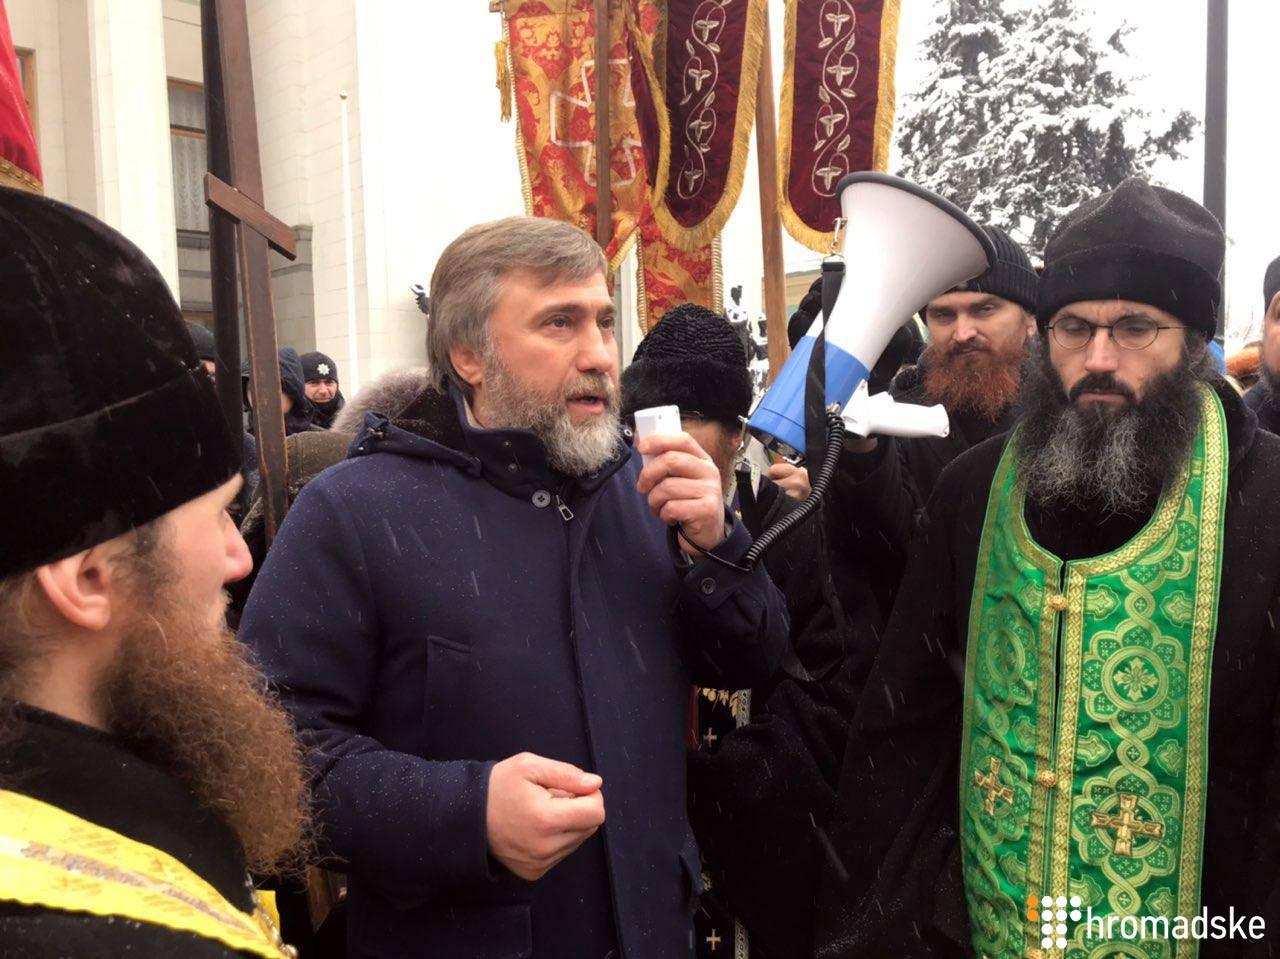 Депутат від «Опозиційного блоку» Вадим Новинський на акції УПЦ МК